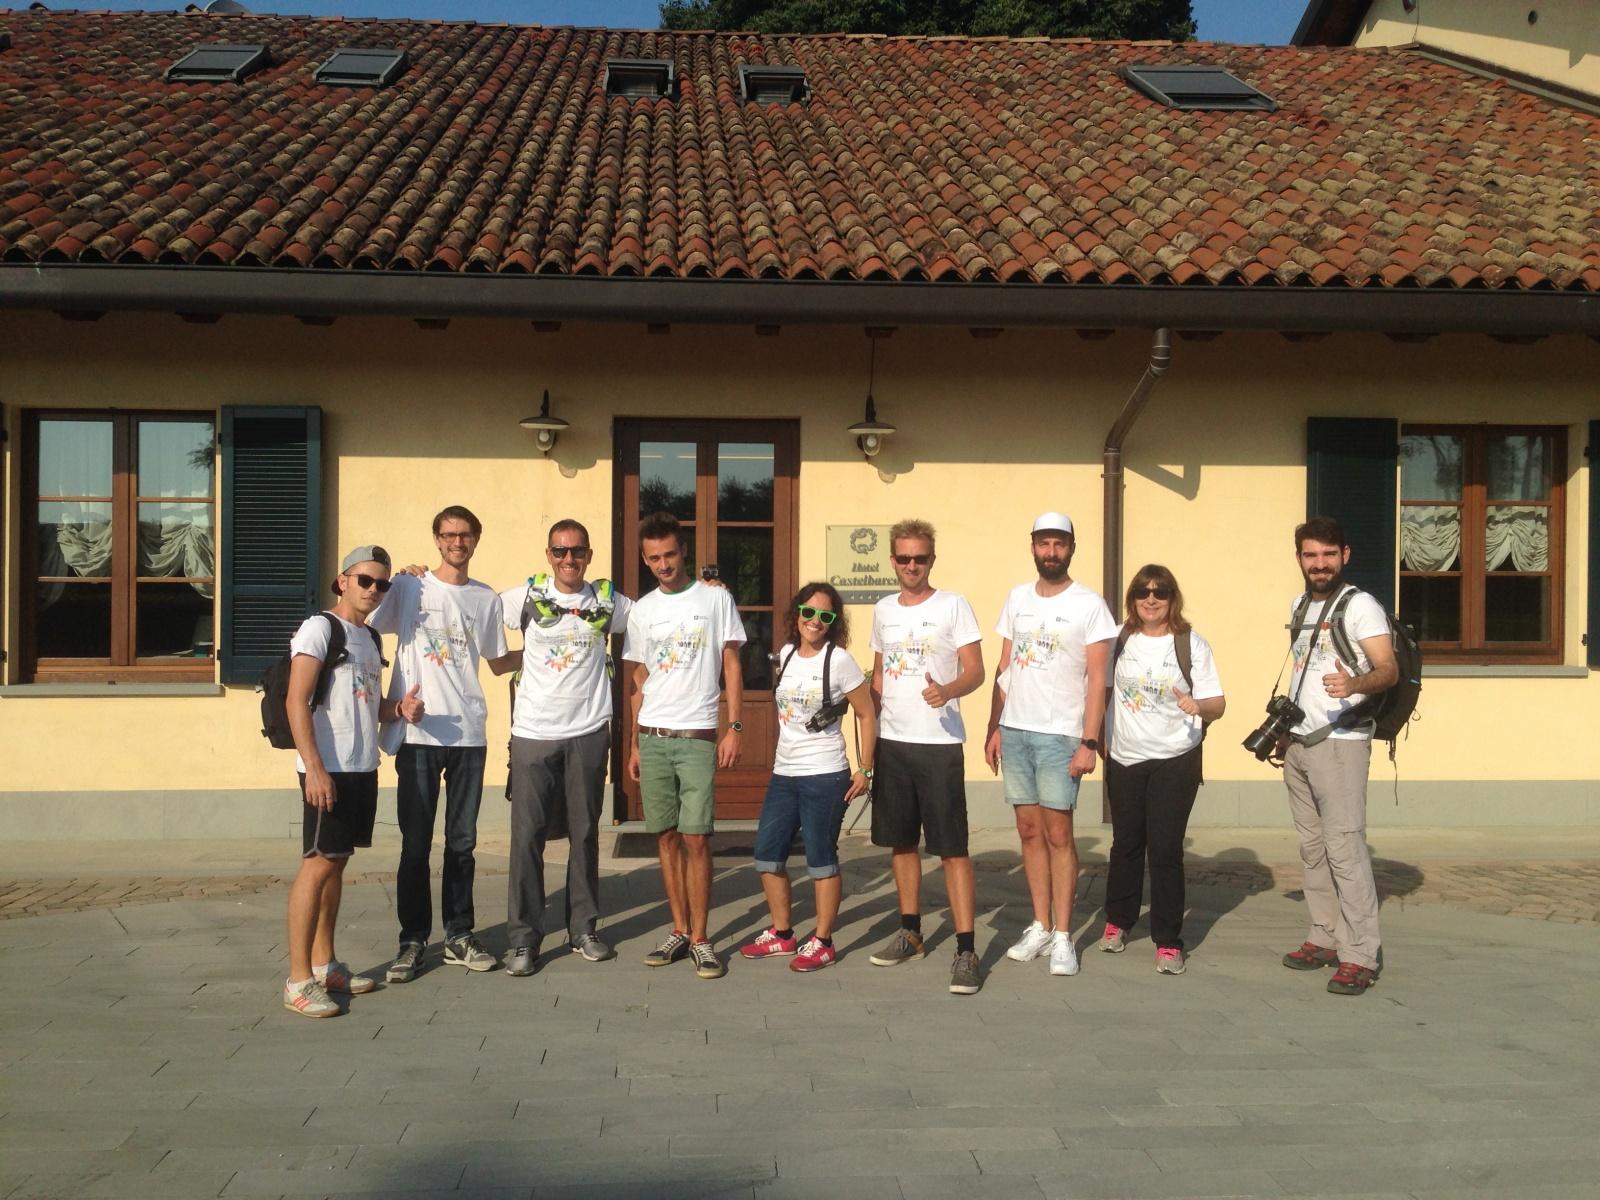 Al via oggi la decima tappa di #inLombardia365, protagonista, Monza e Brianza